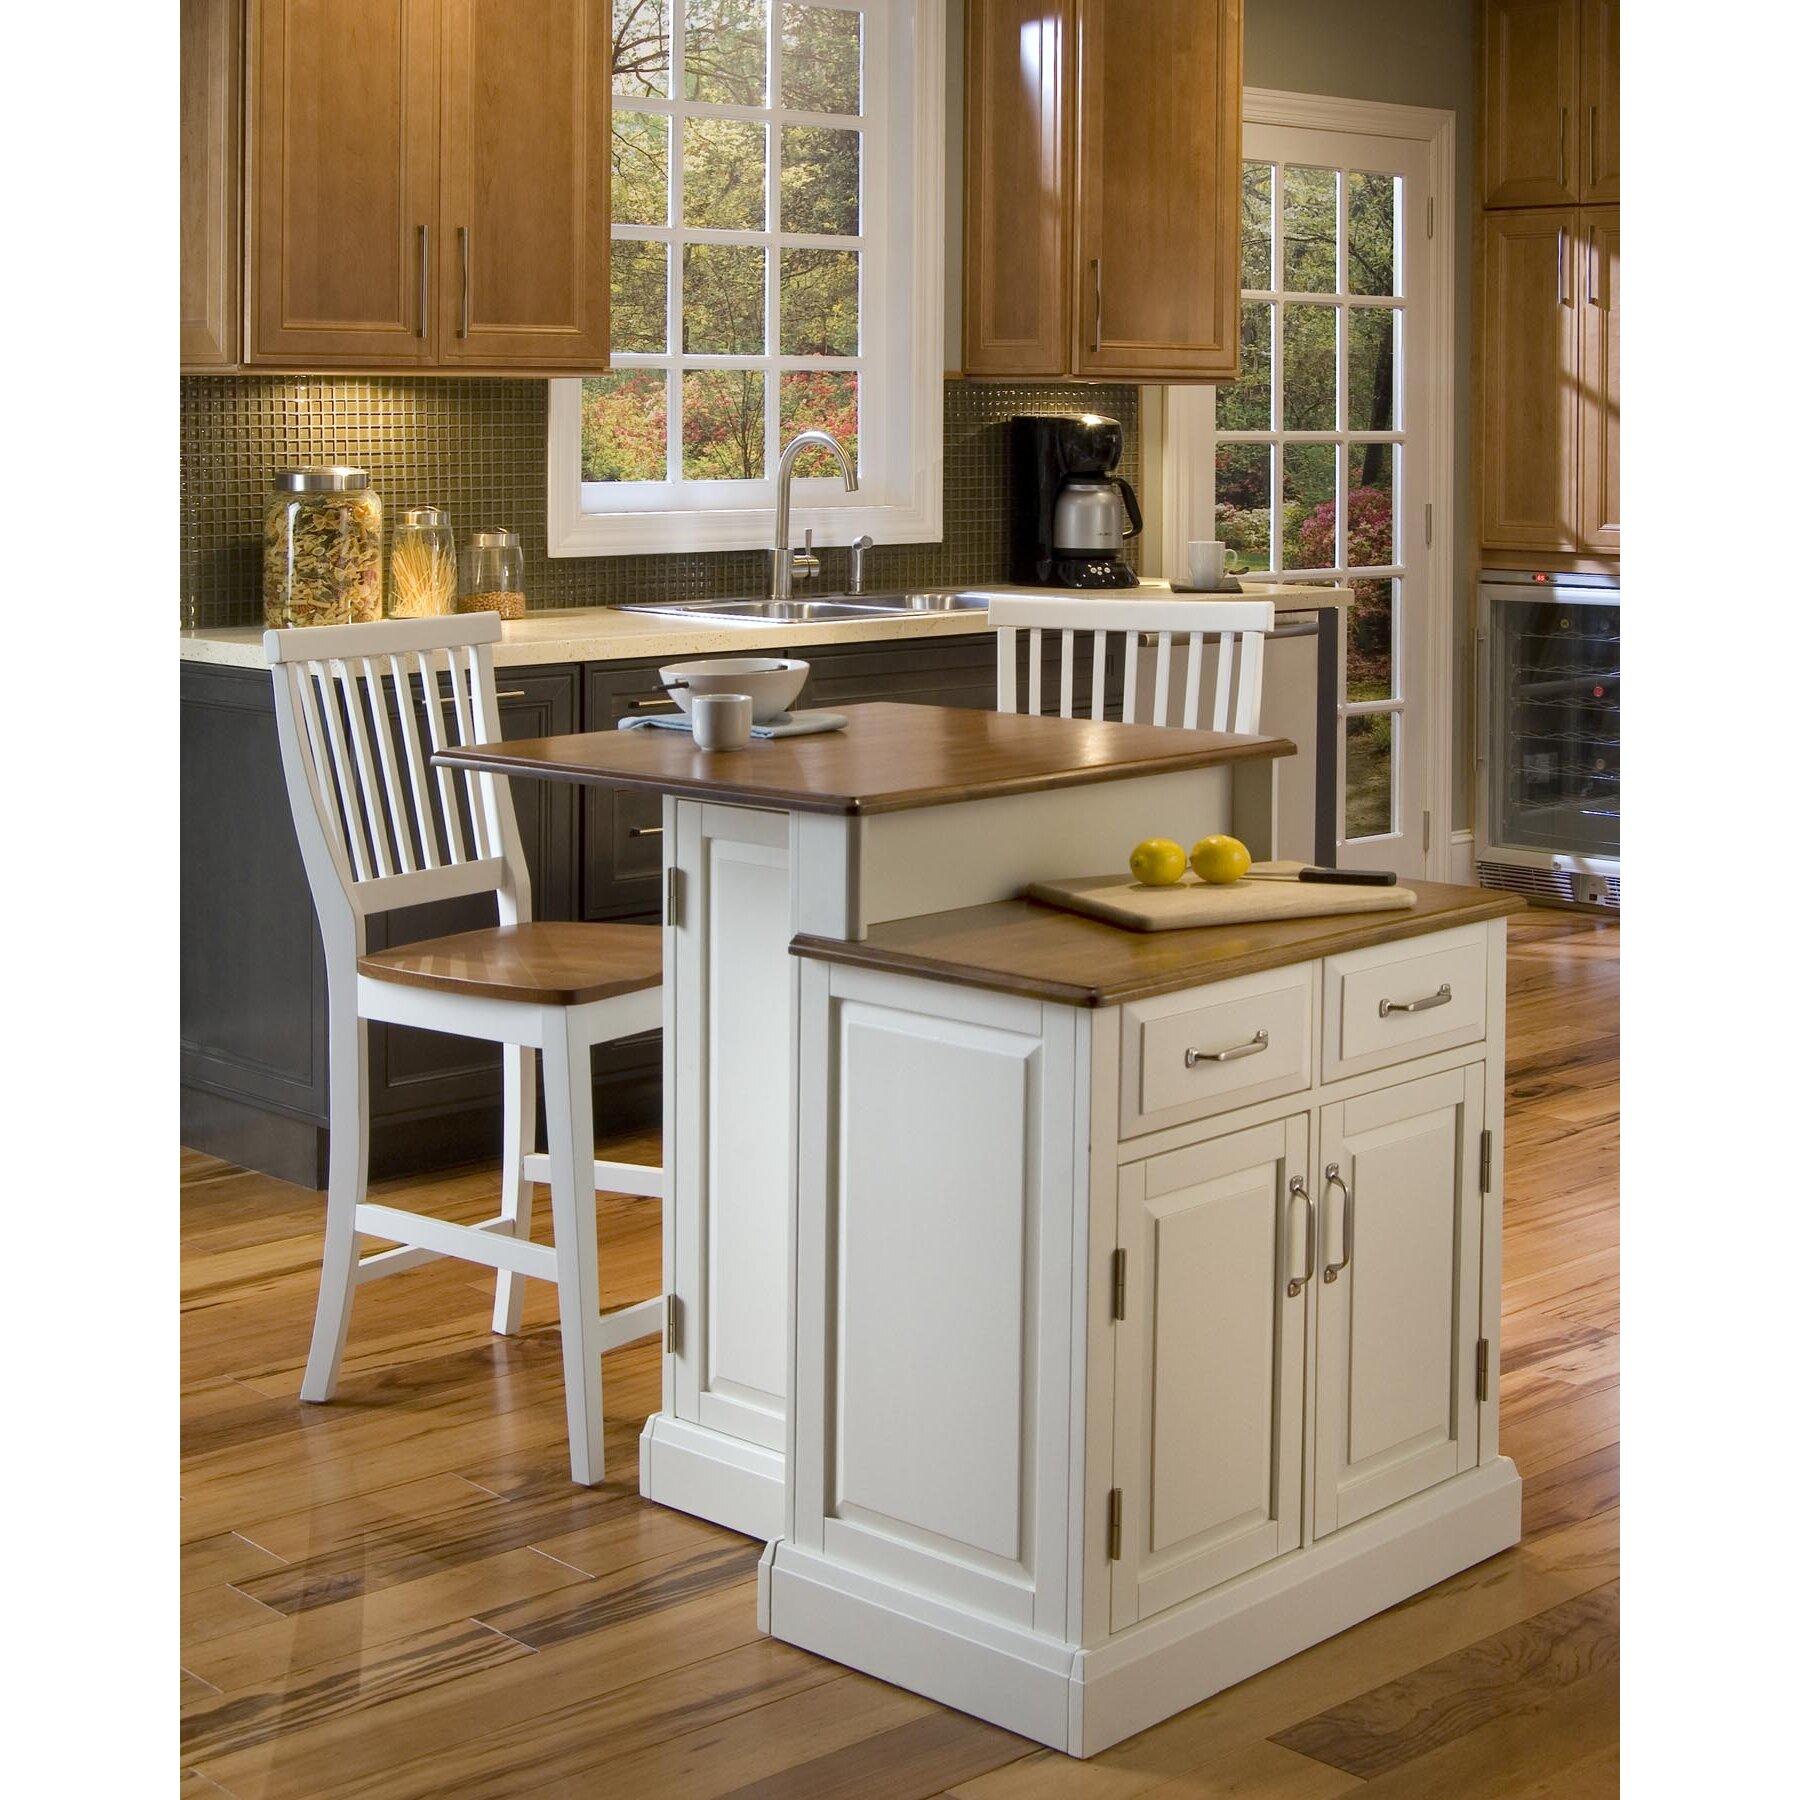 Kitchen Set Island: Home Styles Woodbridge 3 Piece Kitchen Island Set With